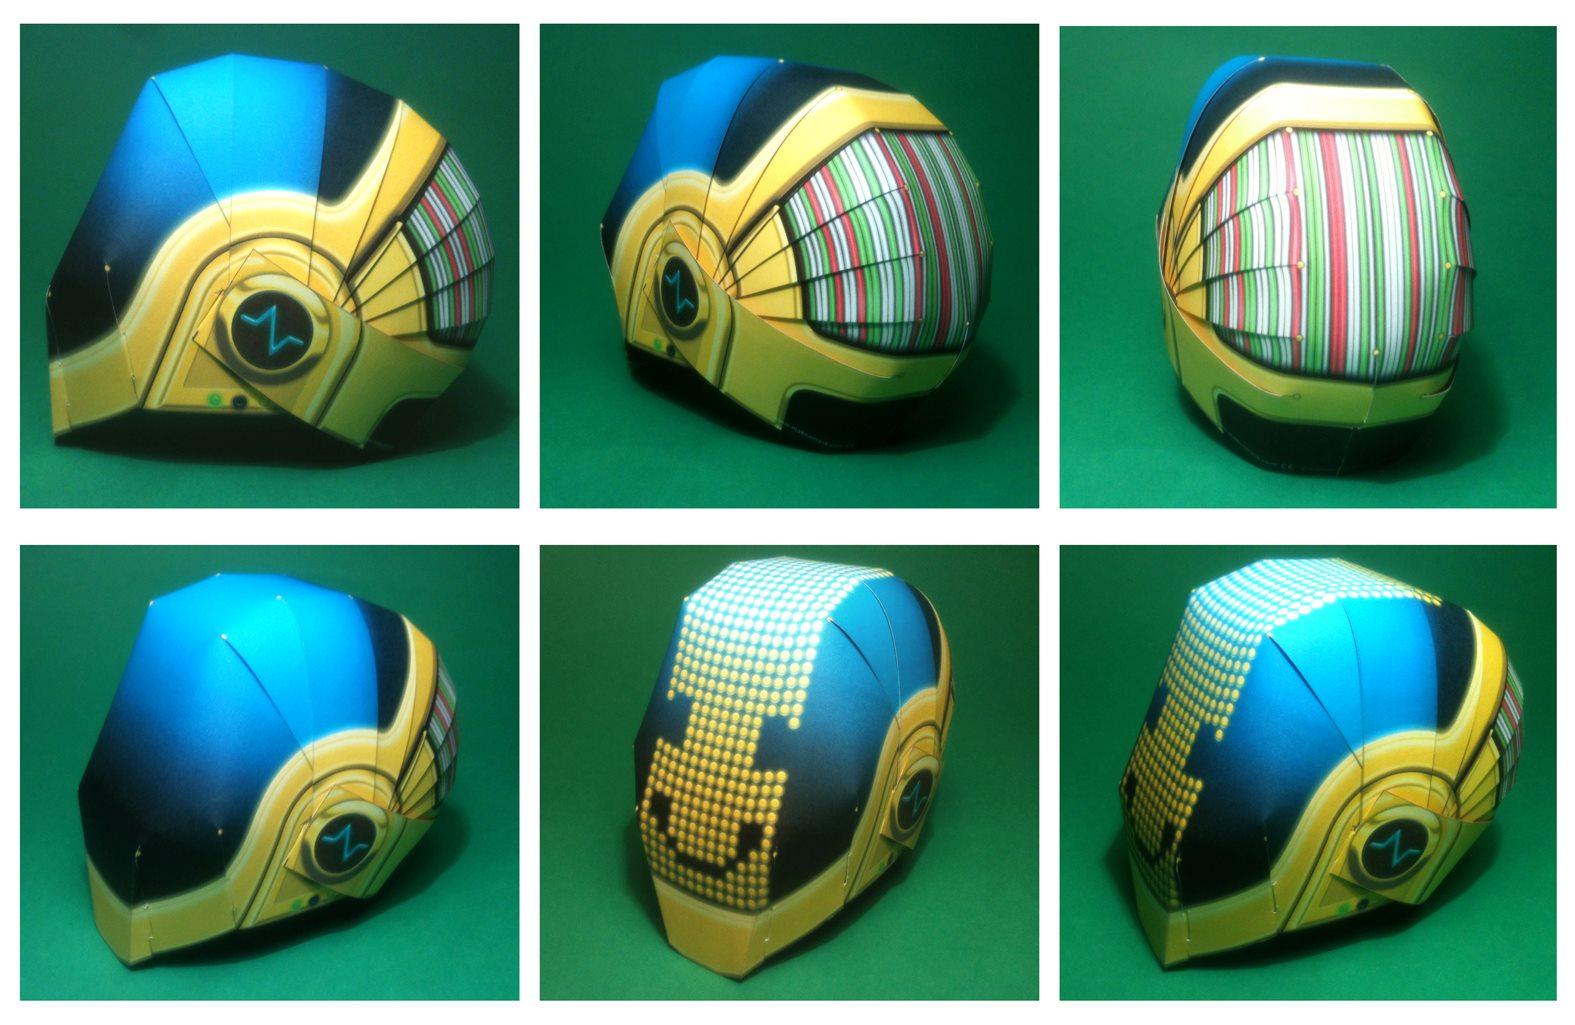 Make A Daft Punk Helmet News